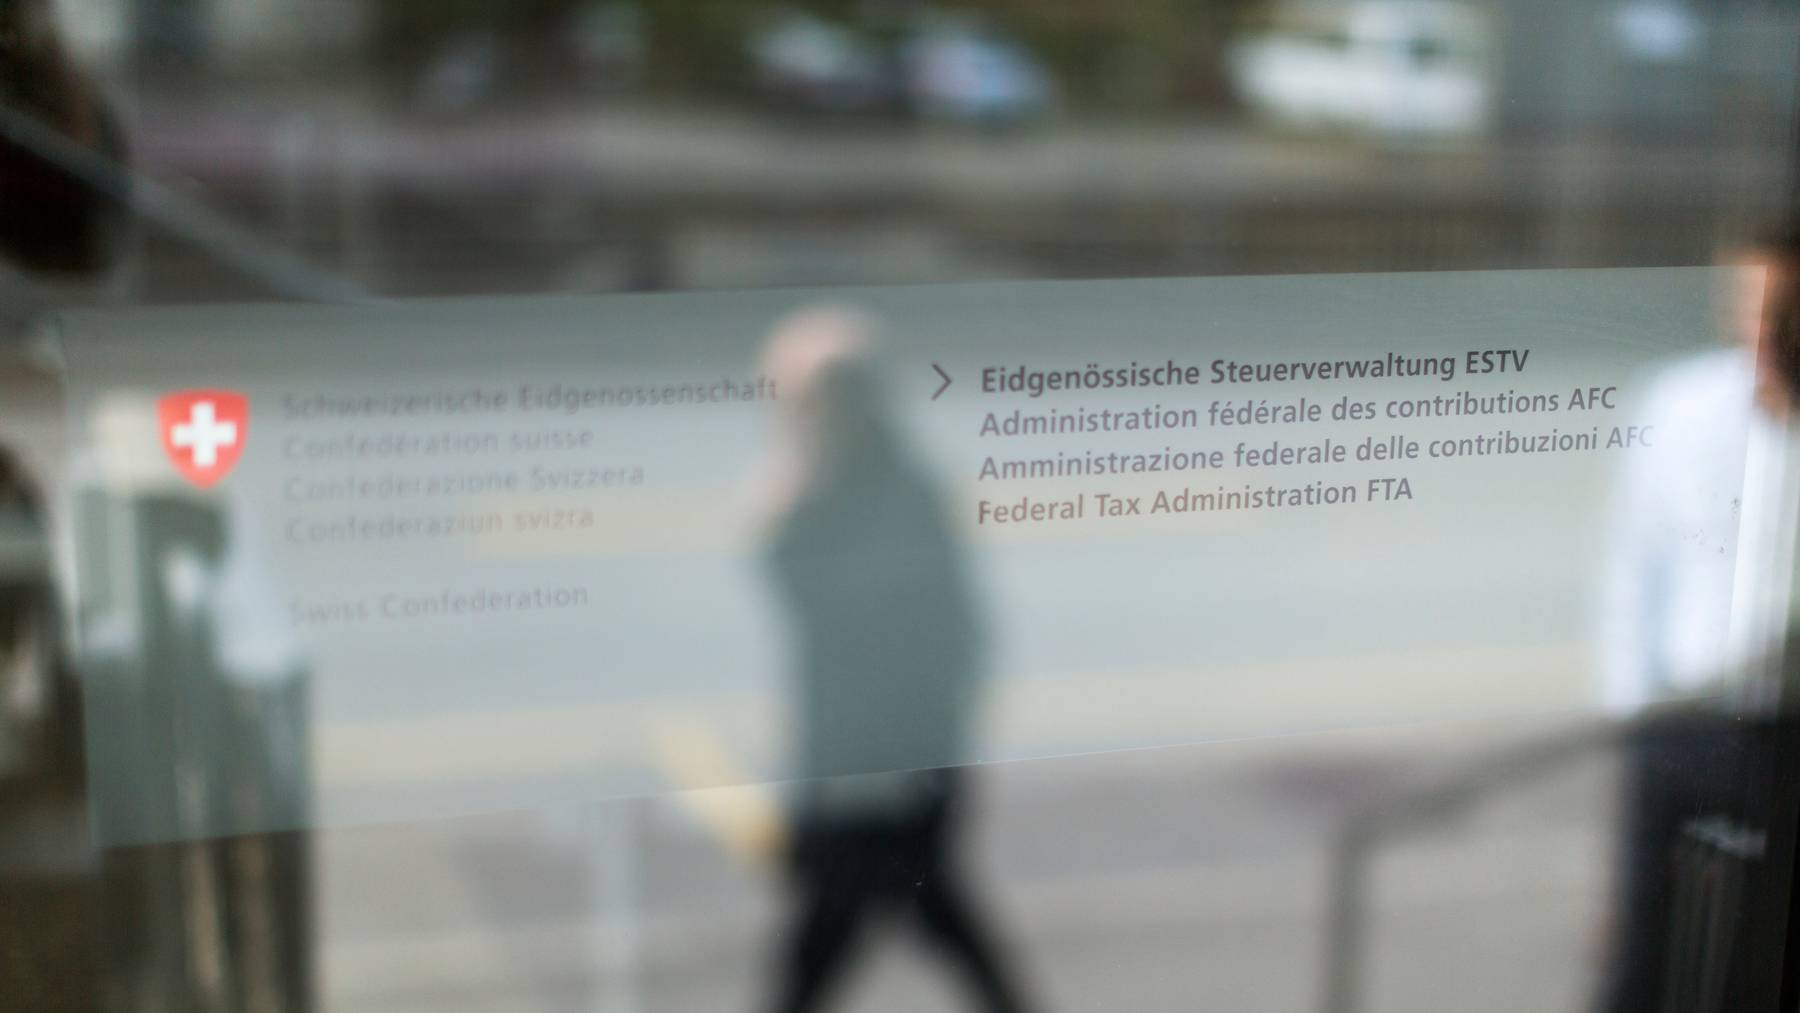 Der Bundesrat setzt auf die weitere Digitalisierung der Steuerverwaltung